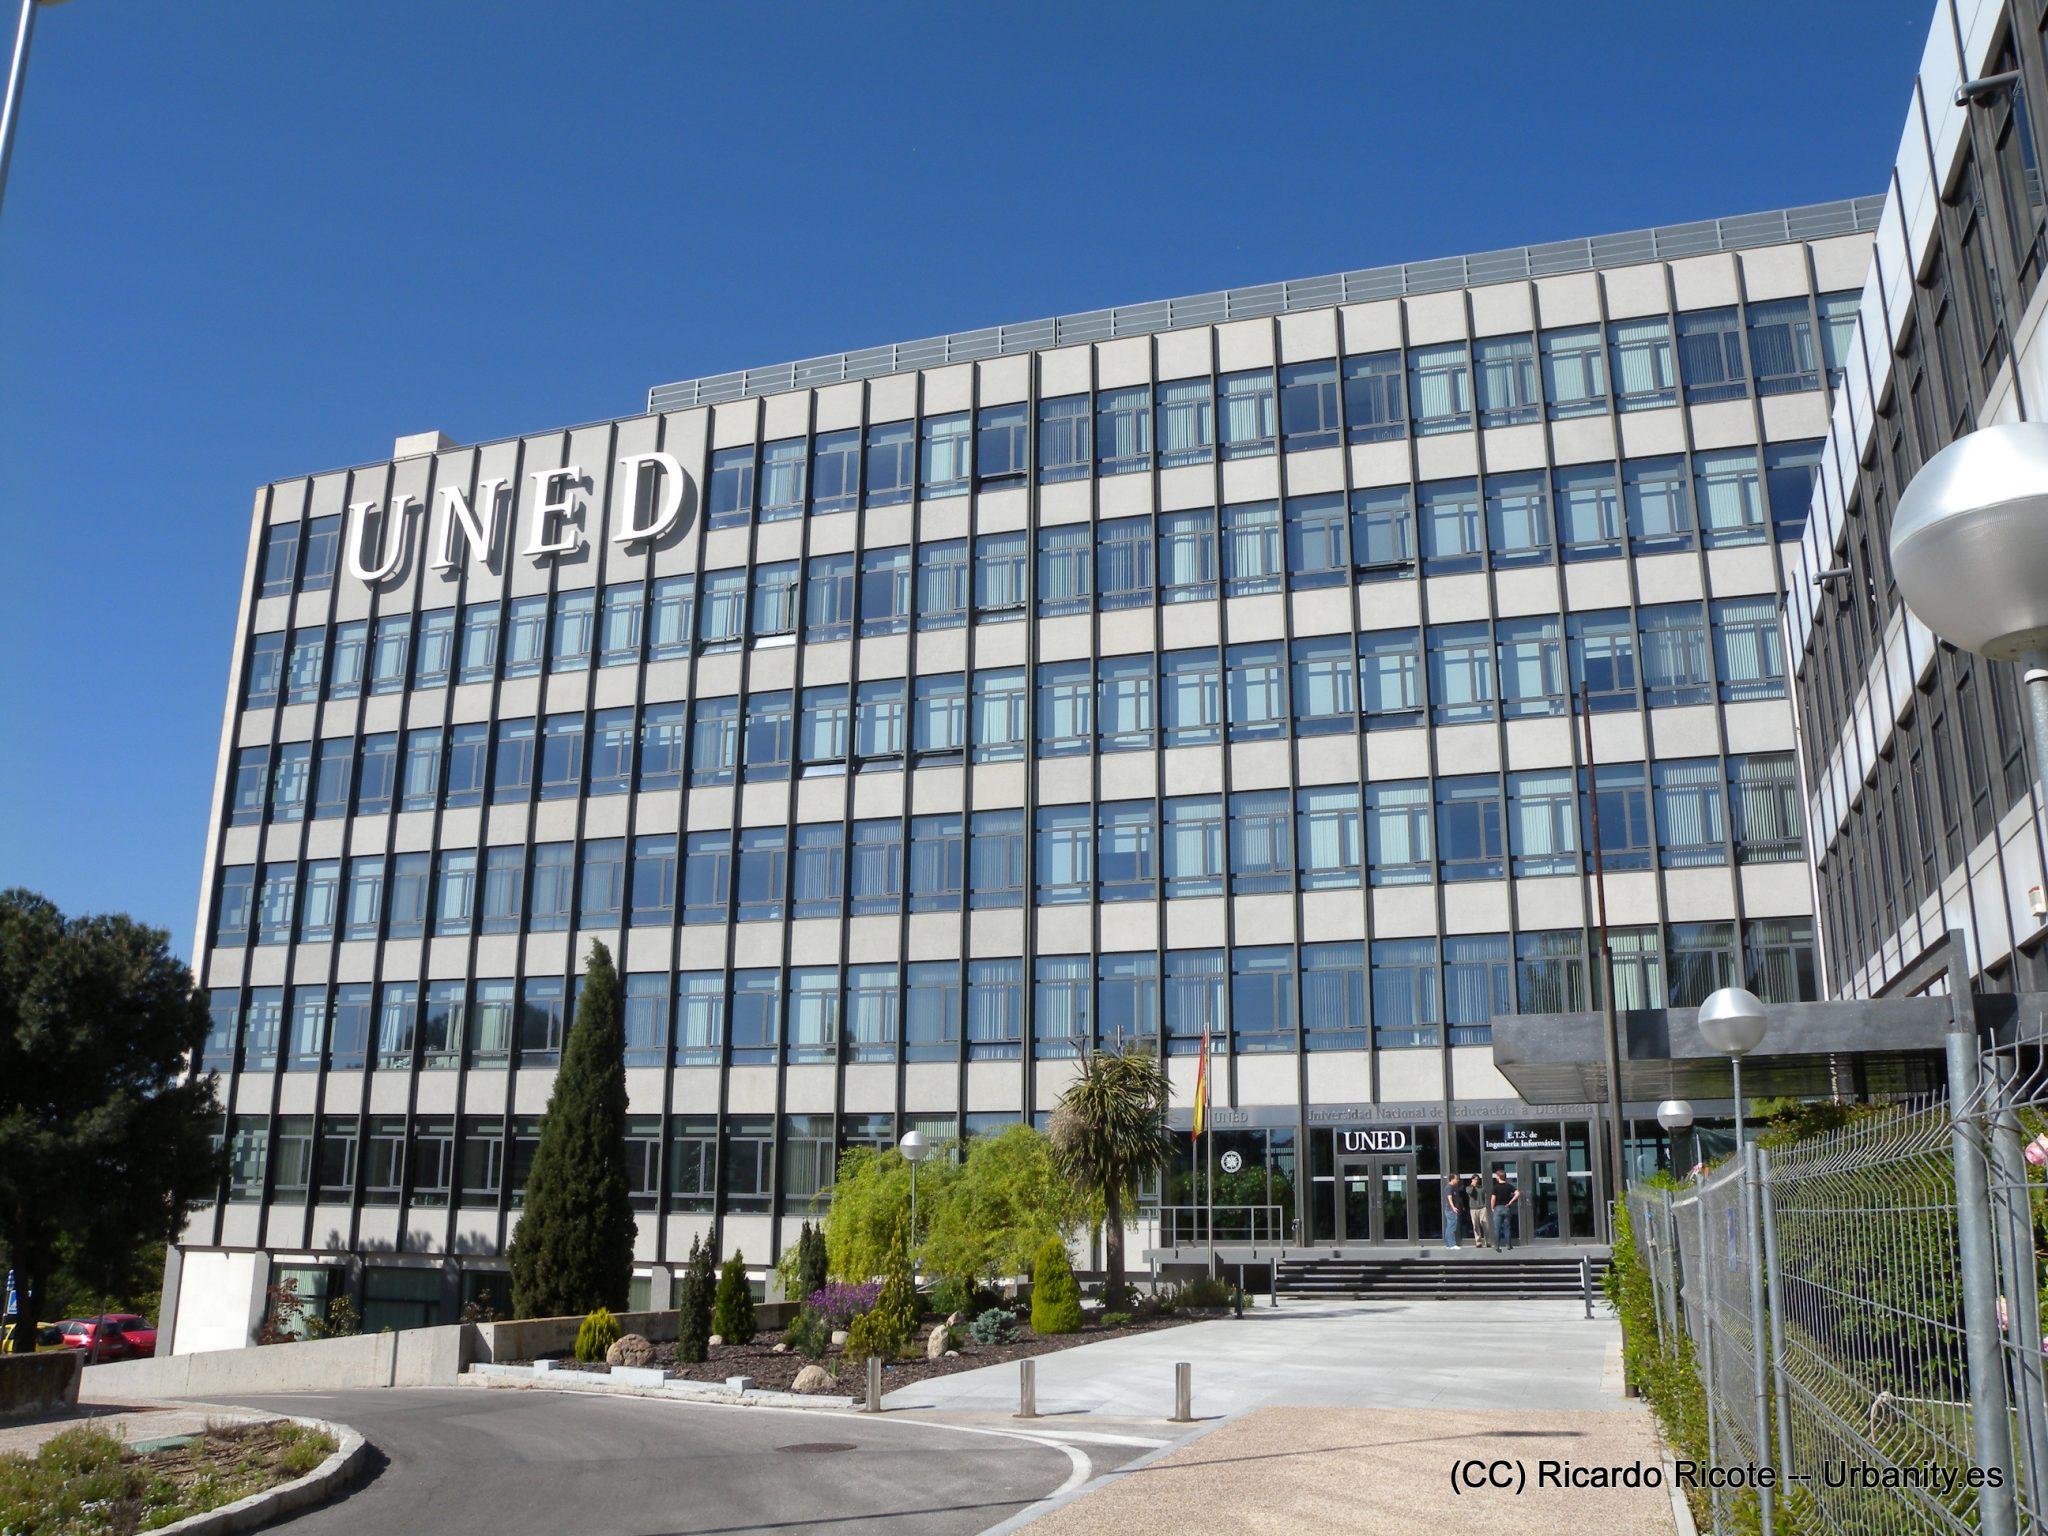 Universidad Nacional de Educación a Distancia – UNED Campus